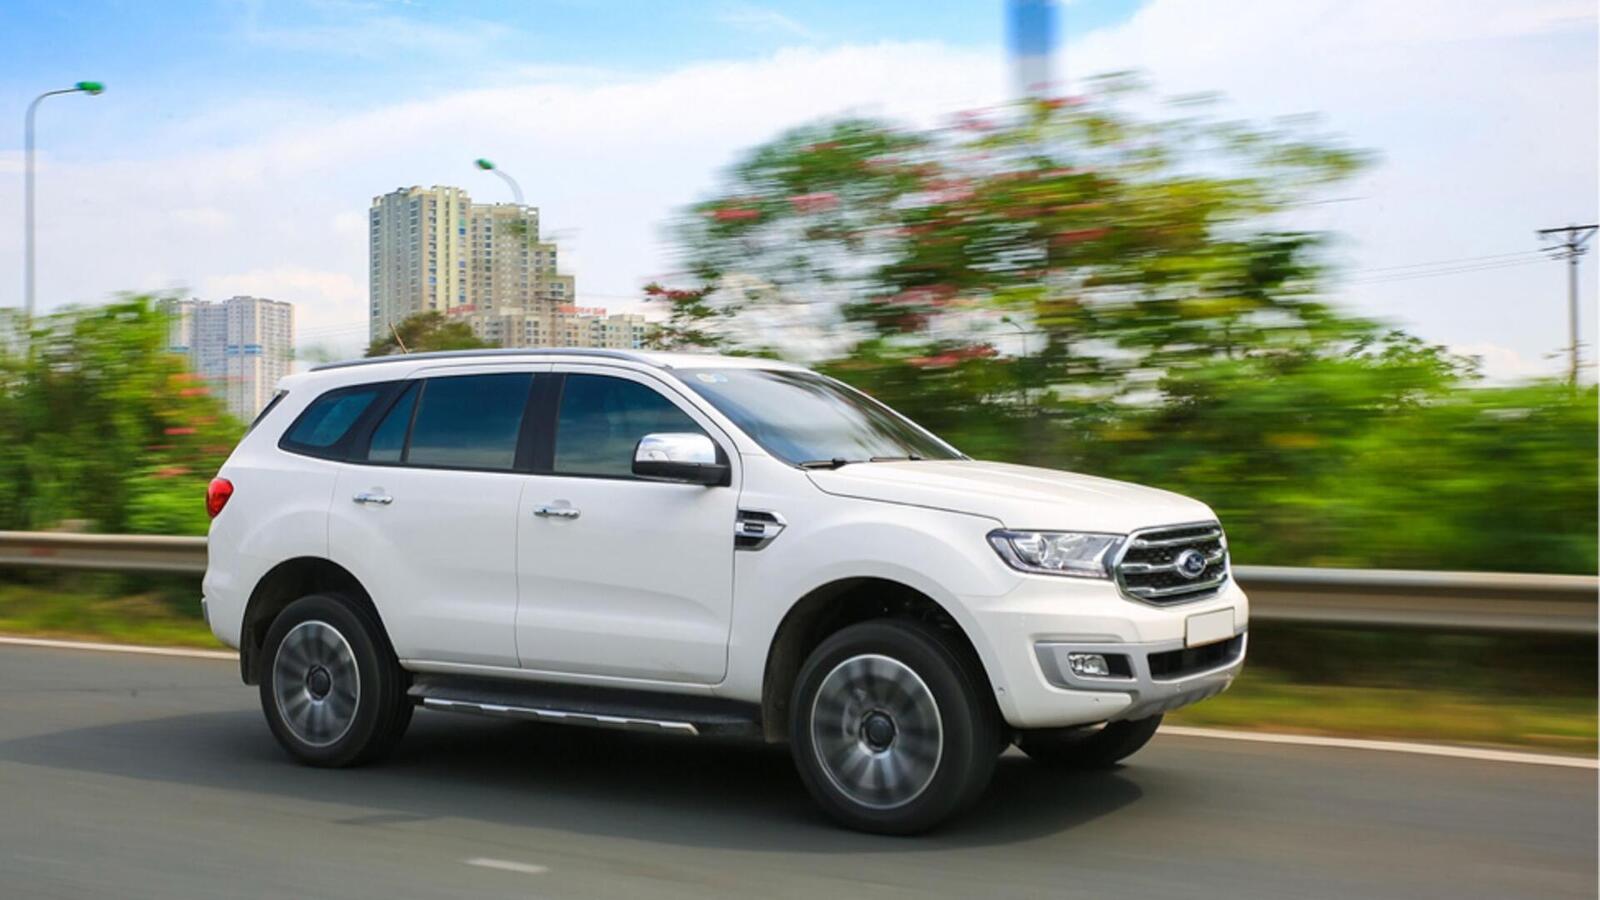 Ford Việt Nam bán hơn 1.900 chiếc Ranger mới trong tháng 12/2018 vừa qua - Hình 4